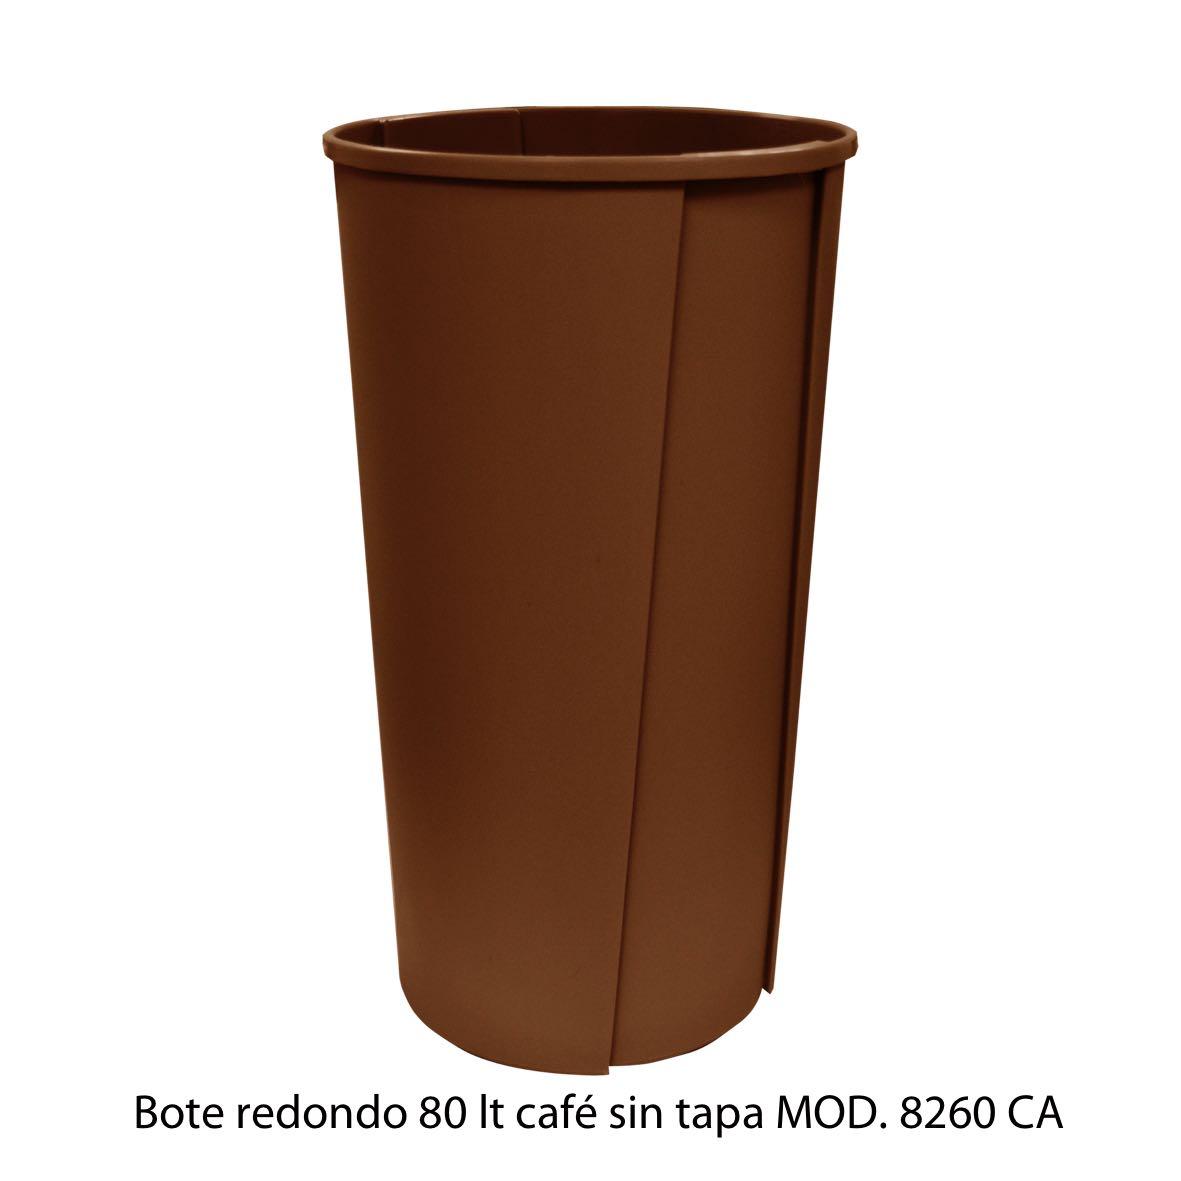 Bote de basura redondo sin tapa de 80 litros cafe modelo 8260 CA Sablón